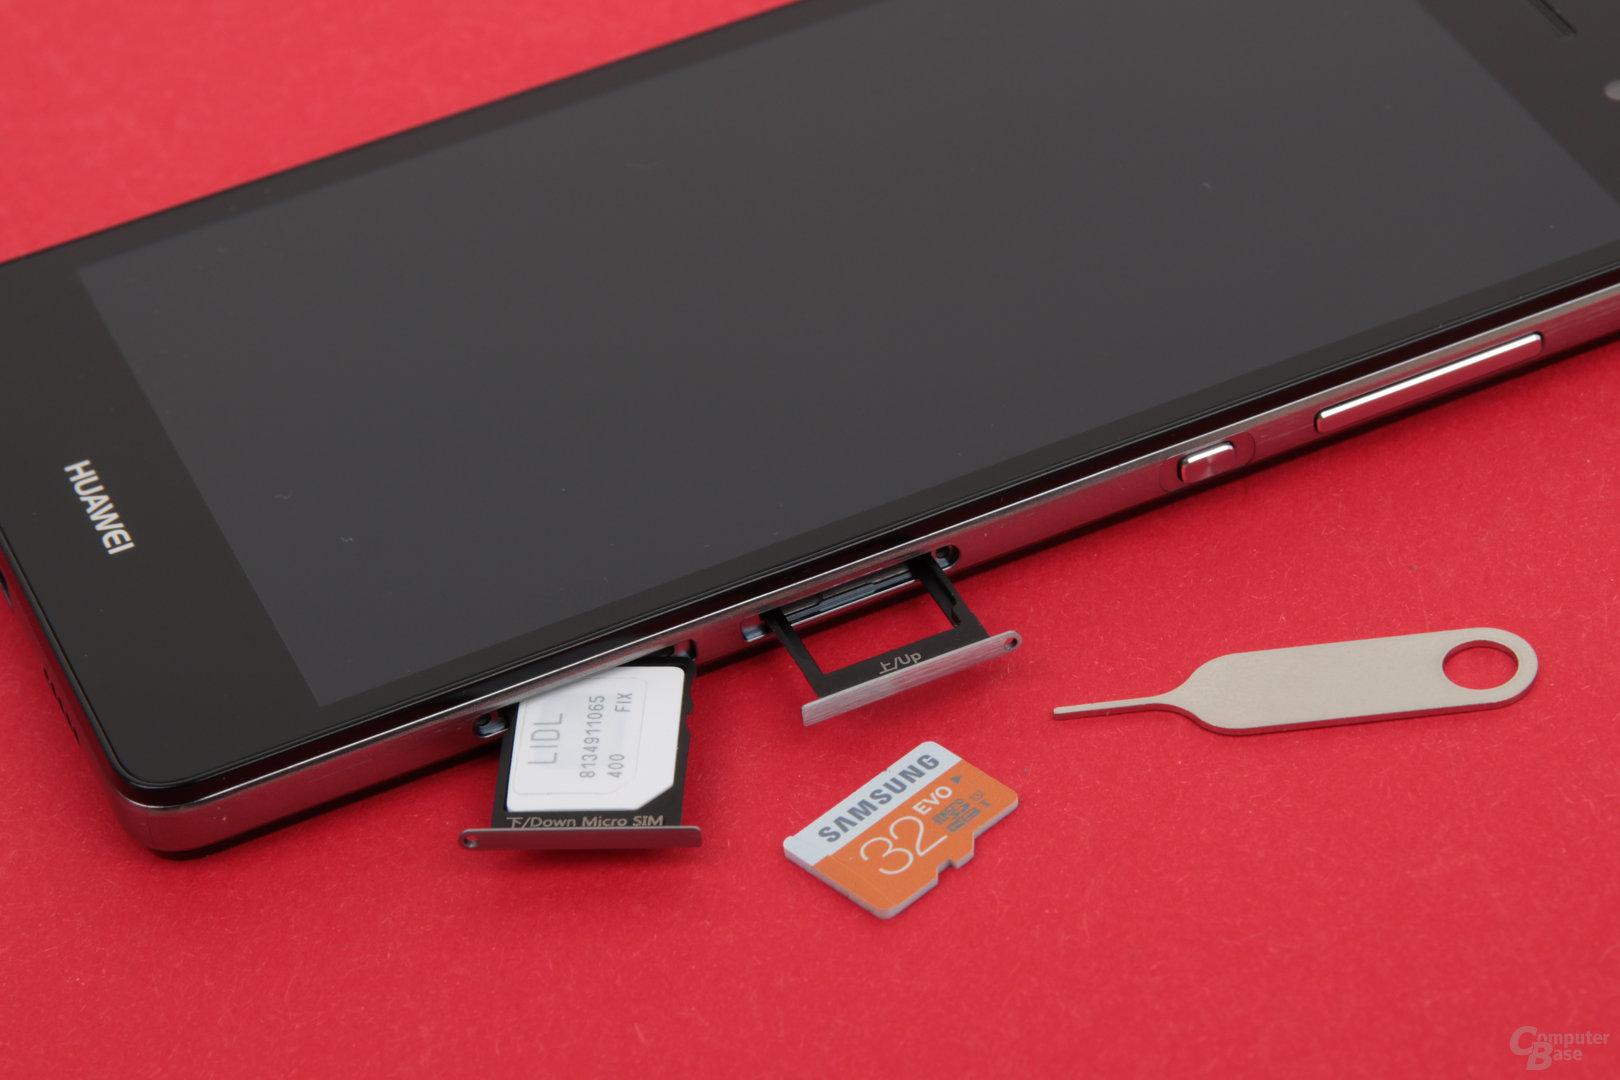 Das P8 Lite nimmt Micro-SIM- und microSD-Karten auf